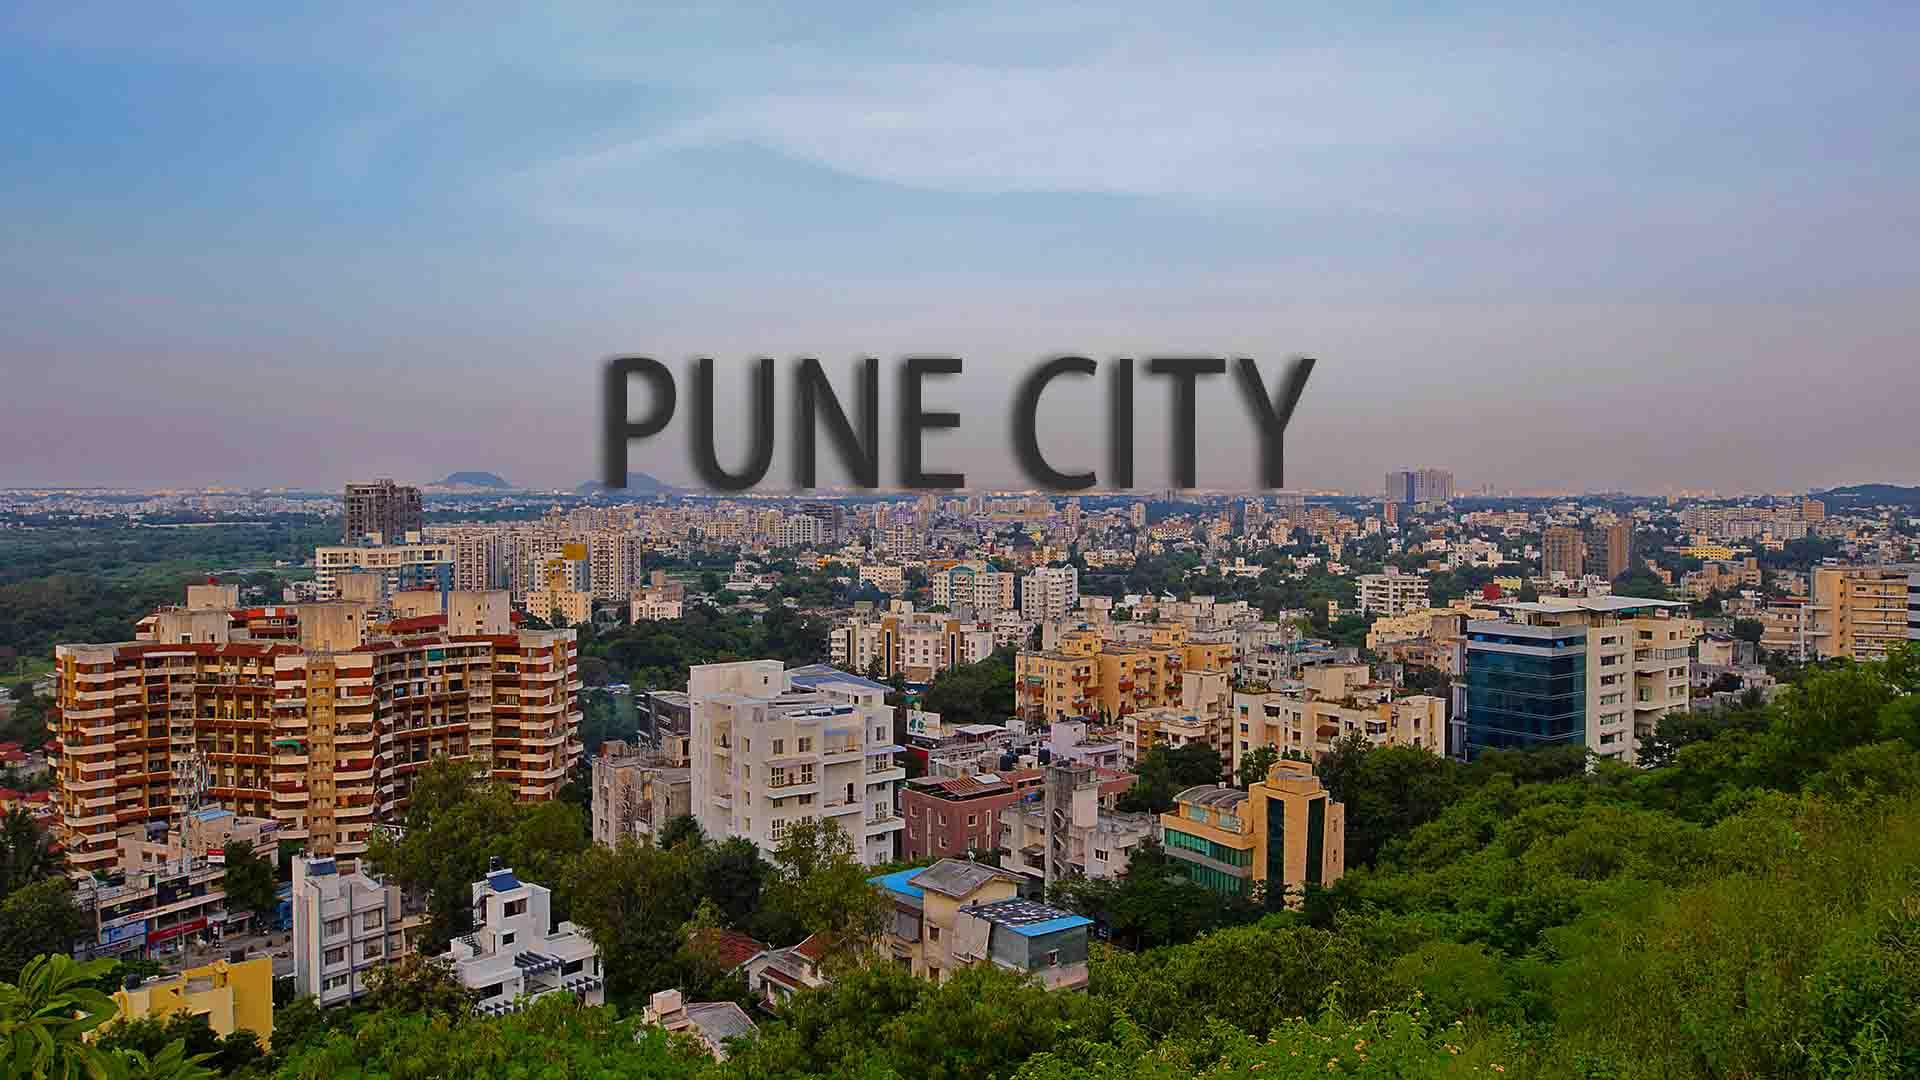 Pune Residential Hotspot